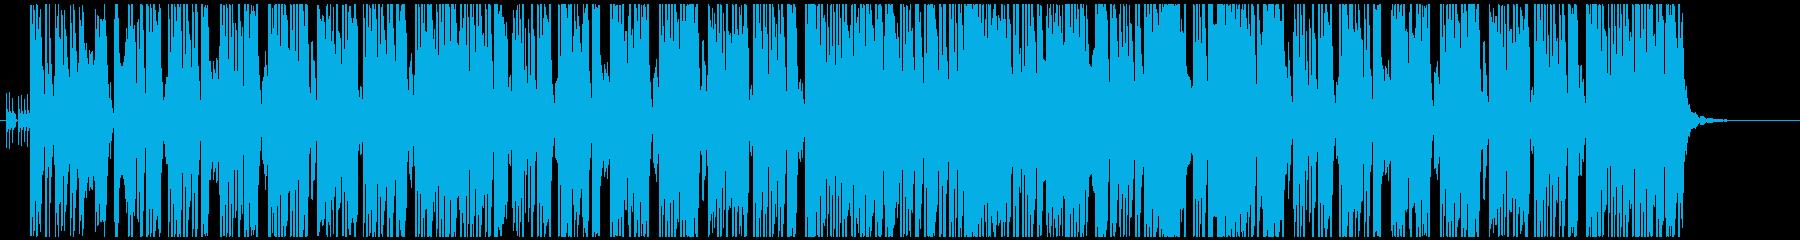 おもしろくてかわいいエンターテイナー!の再生済みの波形